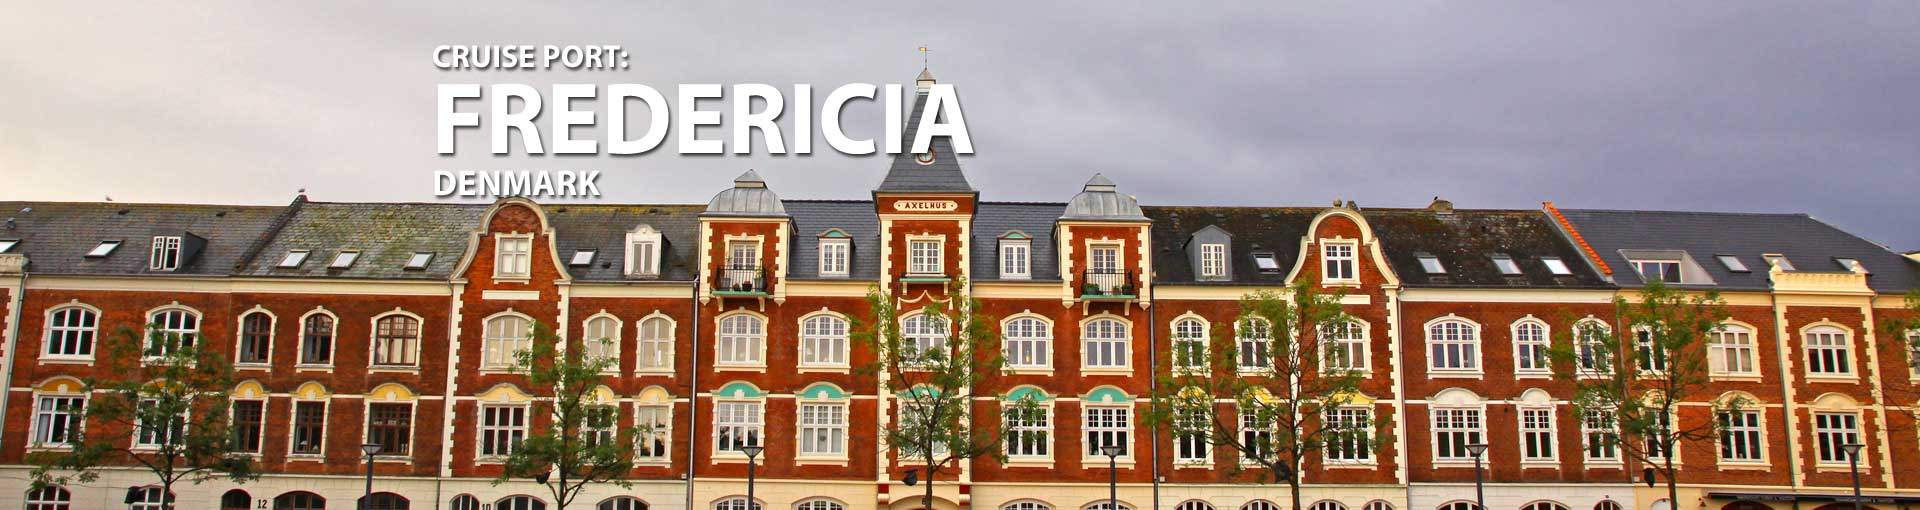 Cruises to Fredericia, Denmark